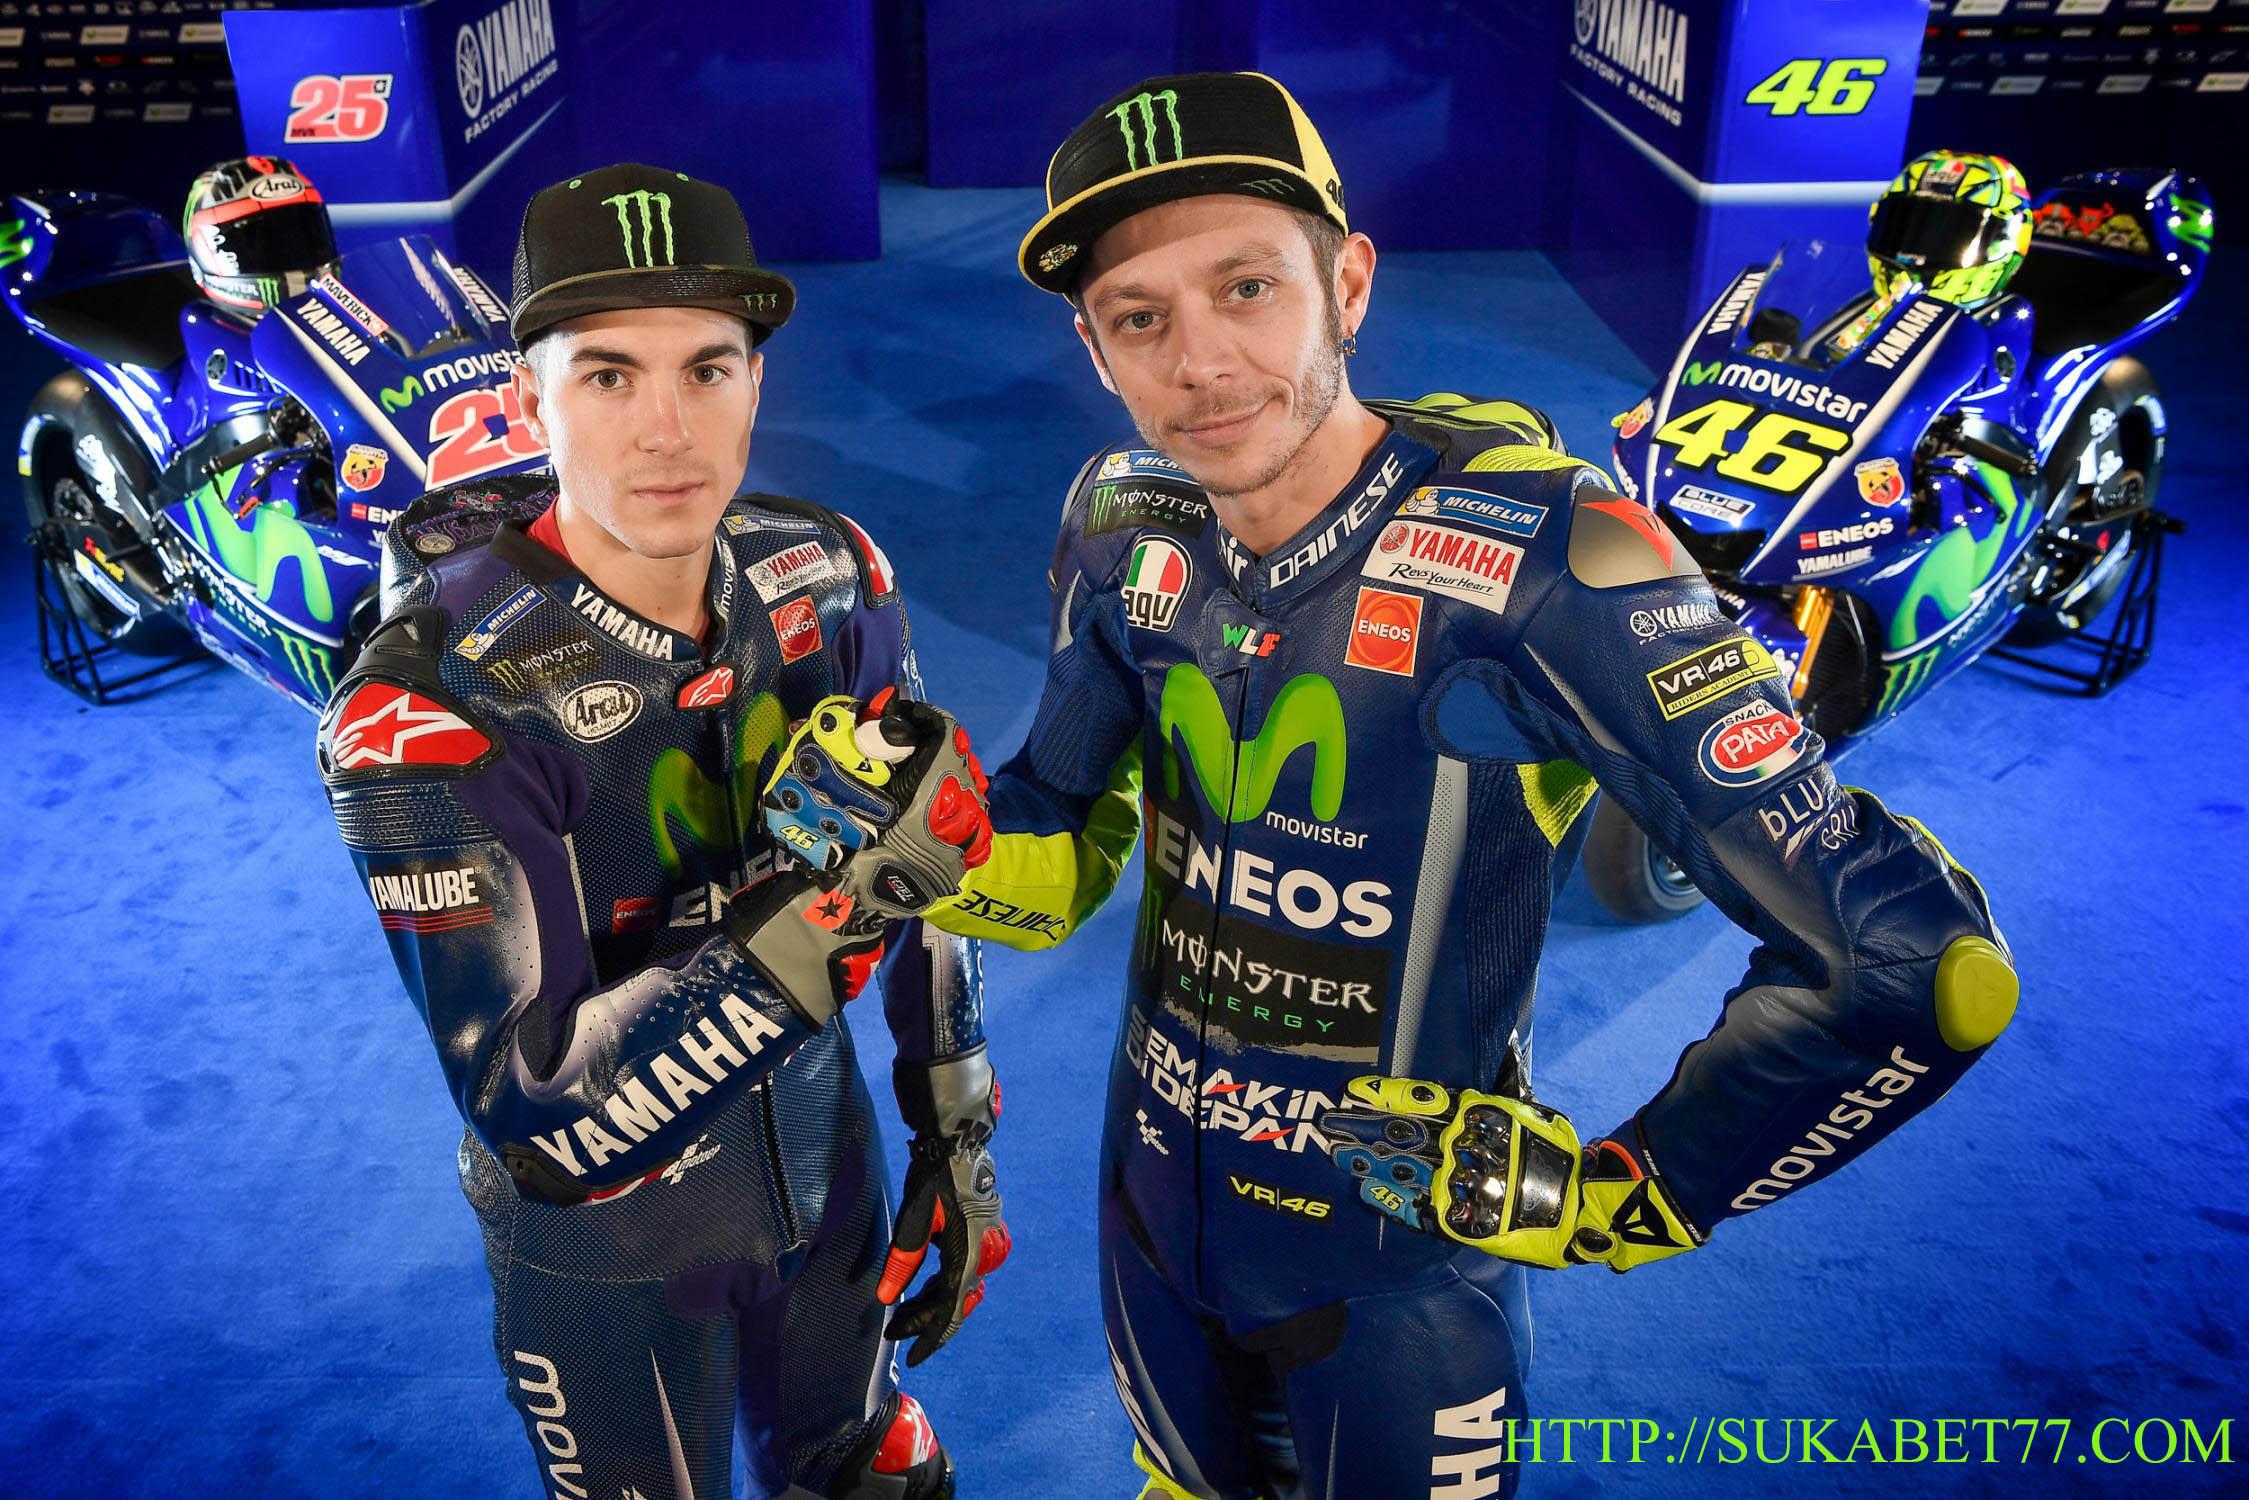 Begini Hubungan Antara Rossi-Vinales Sangat Jauh Berbeda Dibanding Rossi-Lorenzo